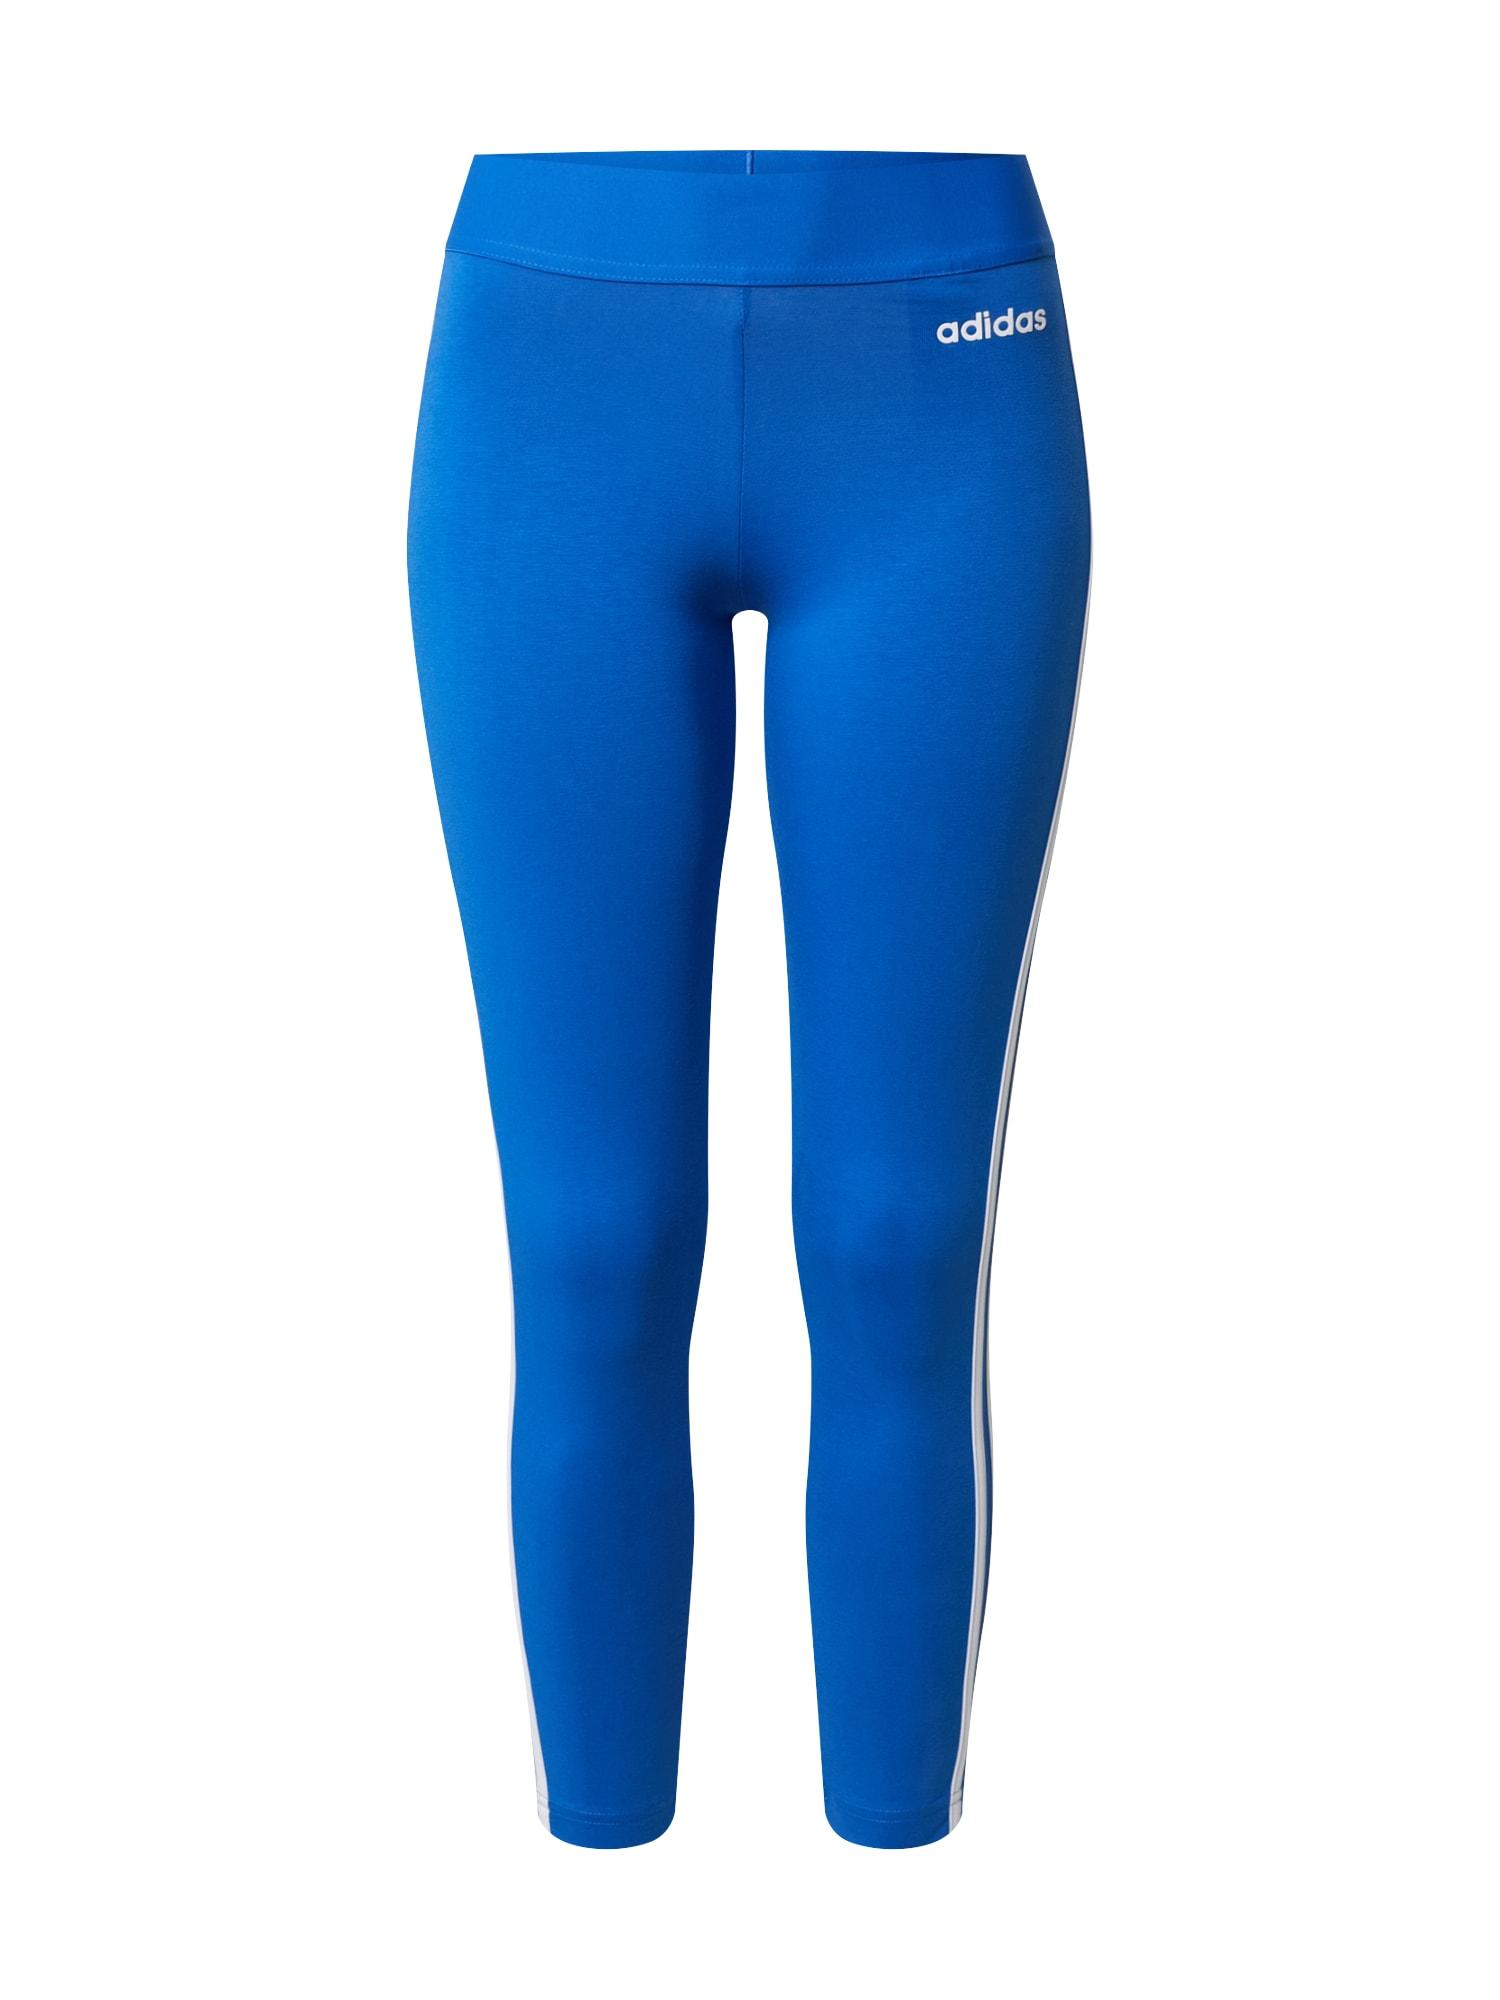 ADIDAS PERFORMANCE Sportovní kalhoty  královská modrá / bílá